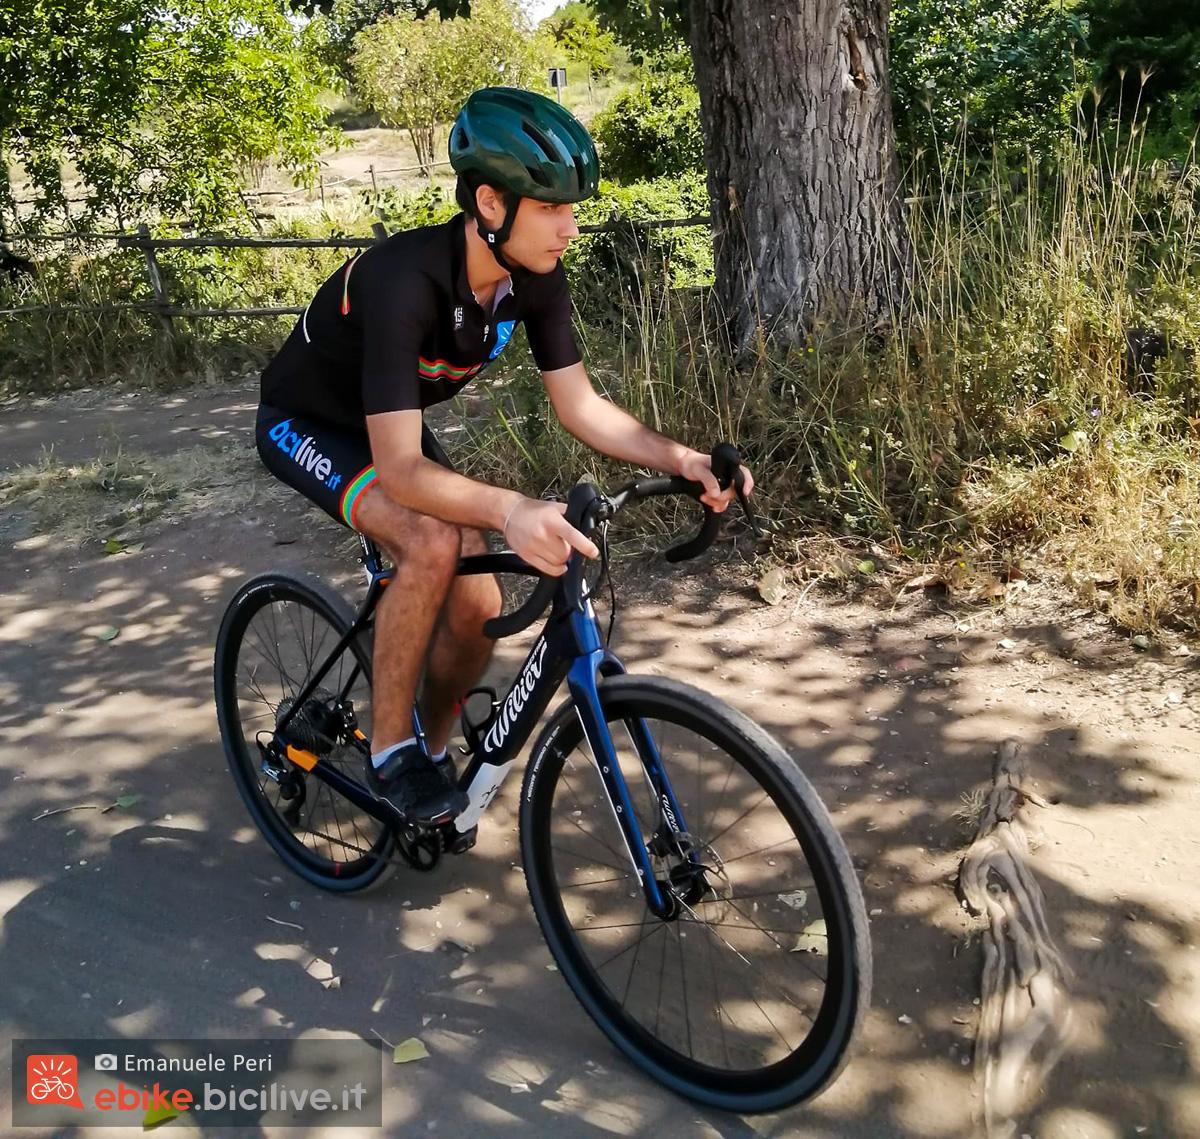 Emanuele Peri in sella alla bici elettrica da gravel Wilier Jena Hybrid 2020